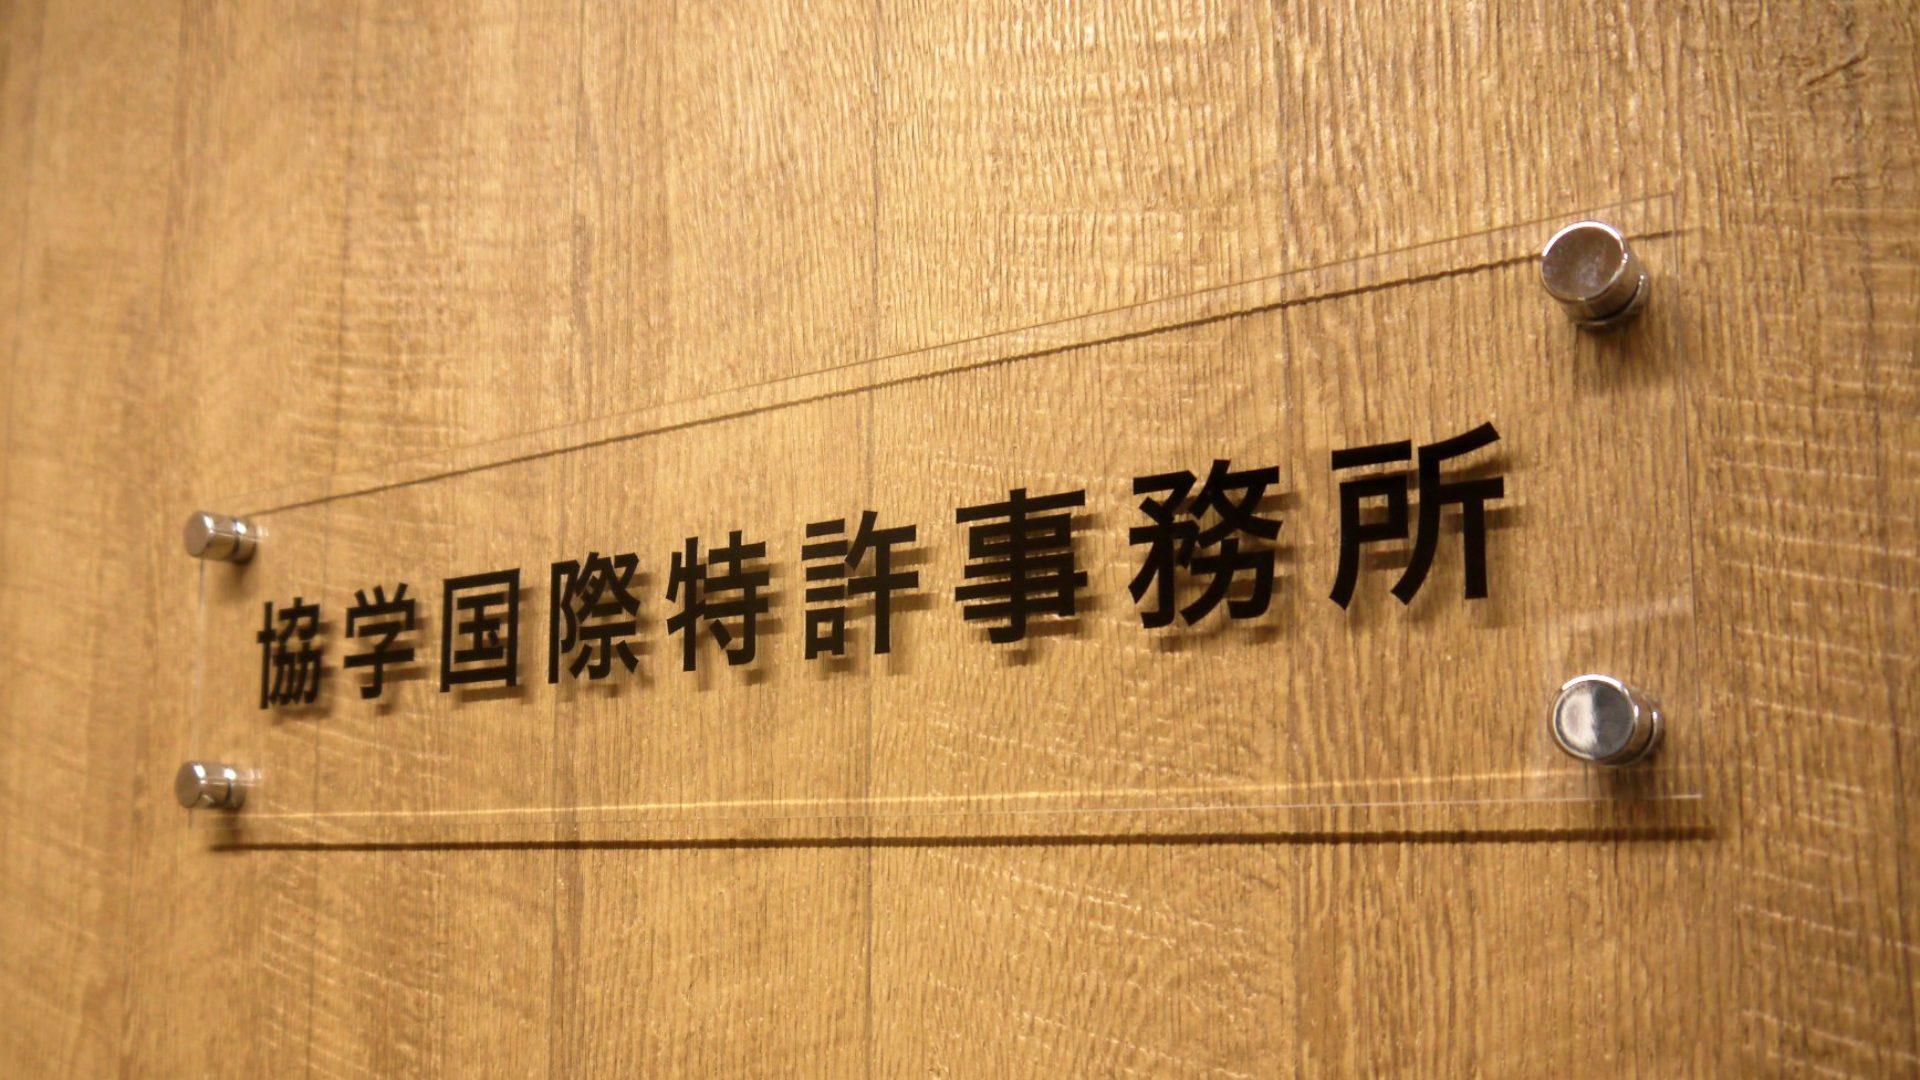 協学国際特許事務所